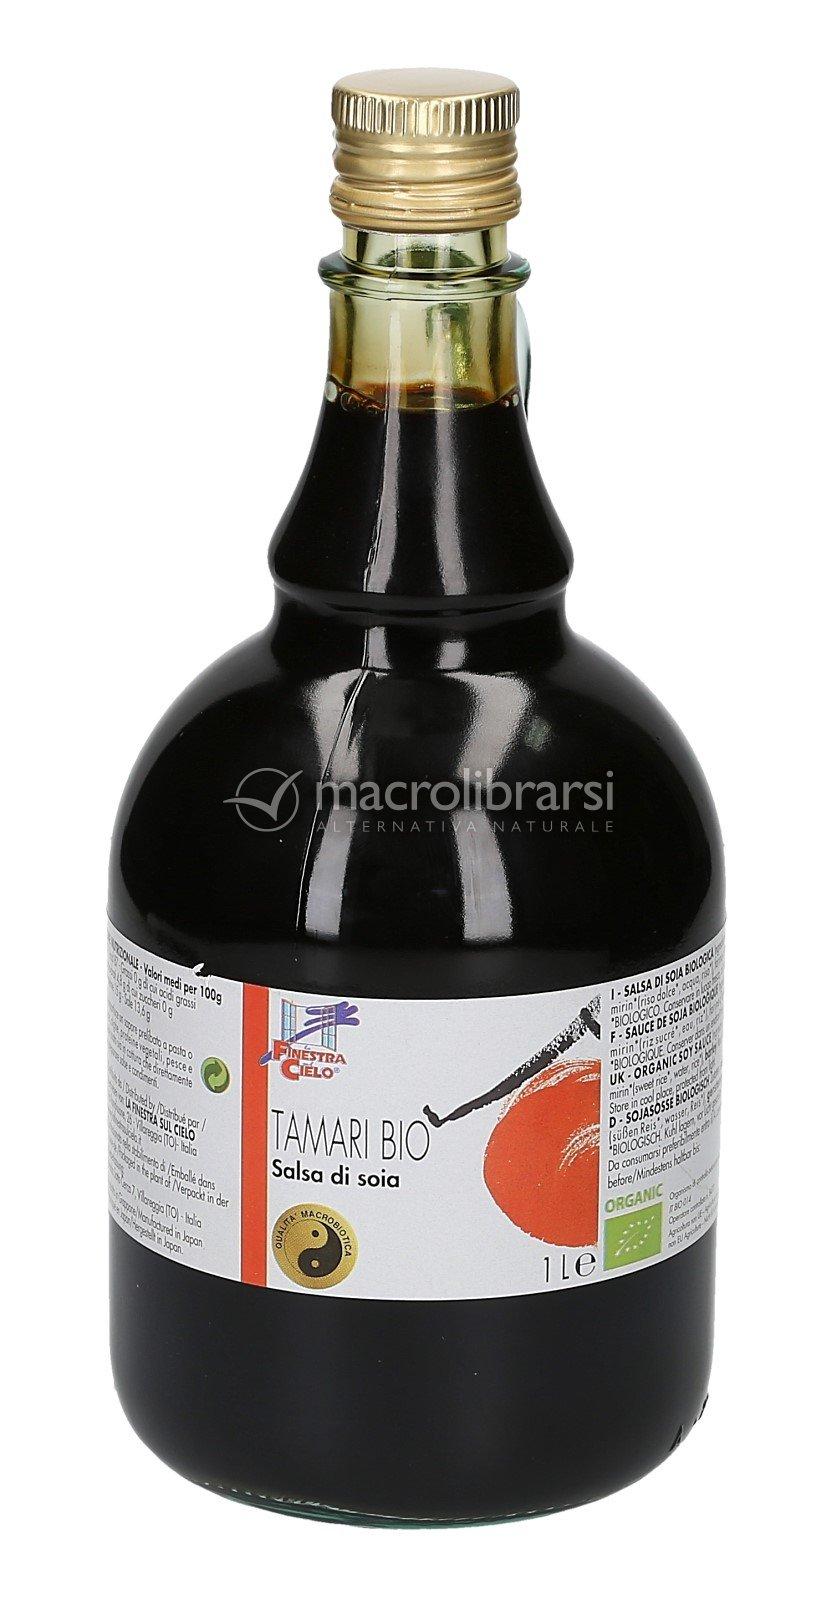 Tamari Bio - Salsa di Soia - 1 l